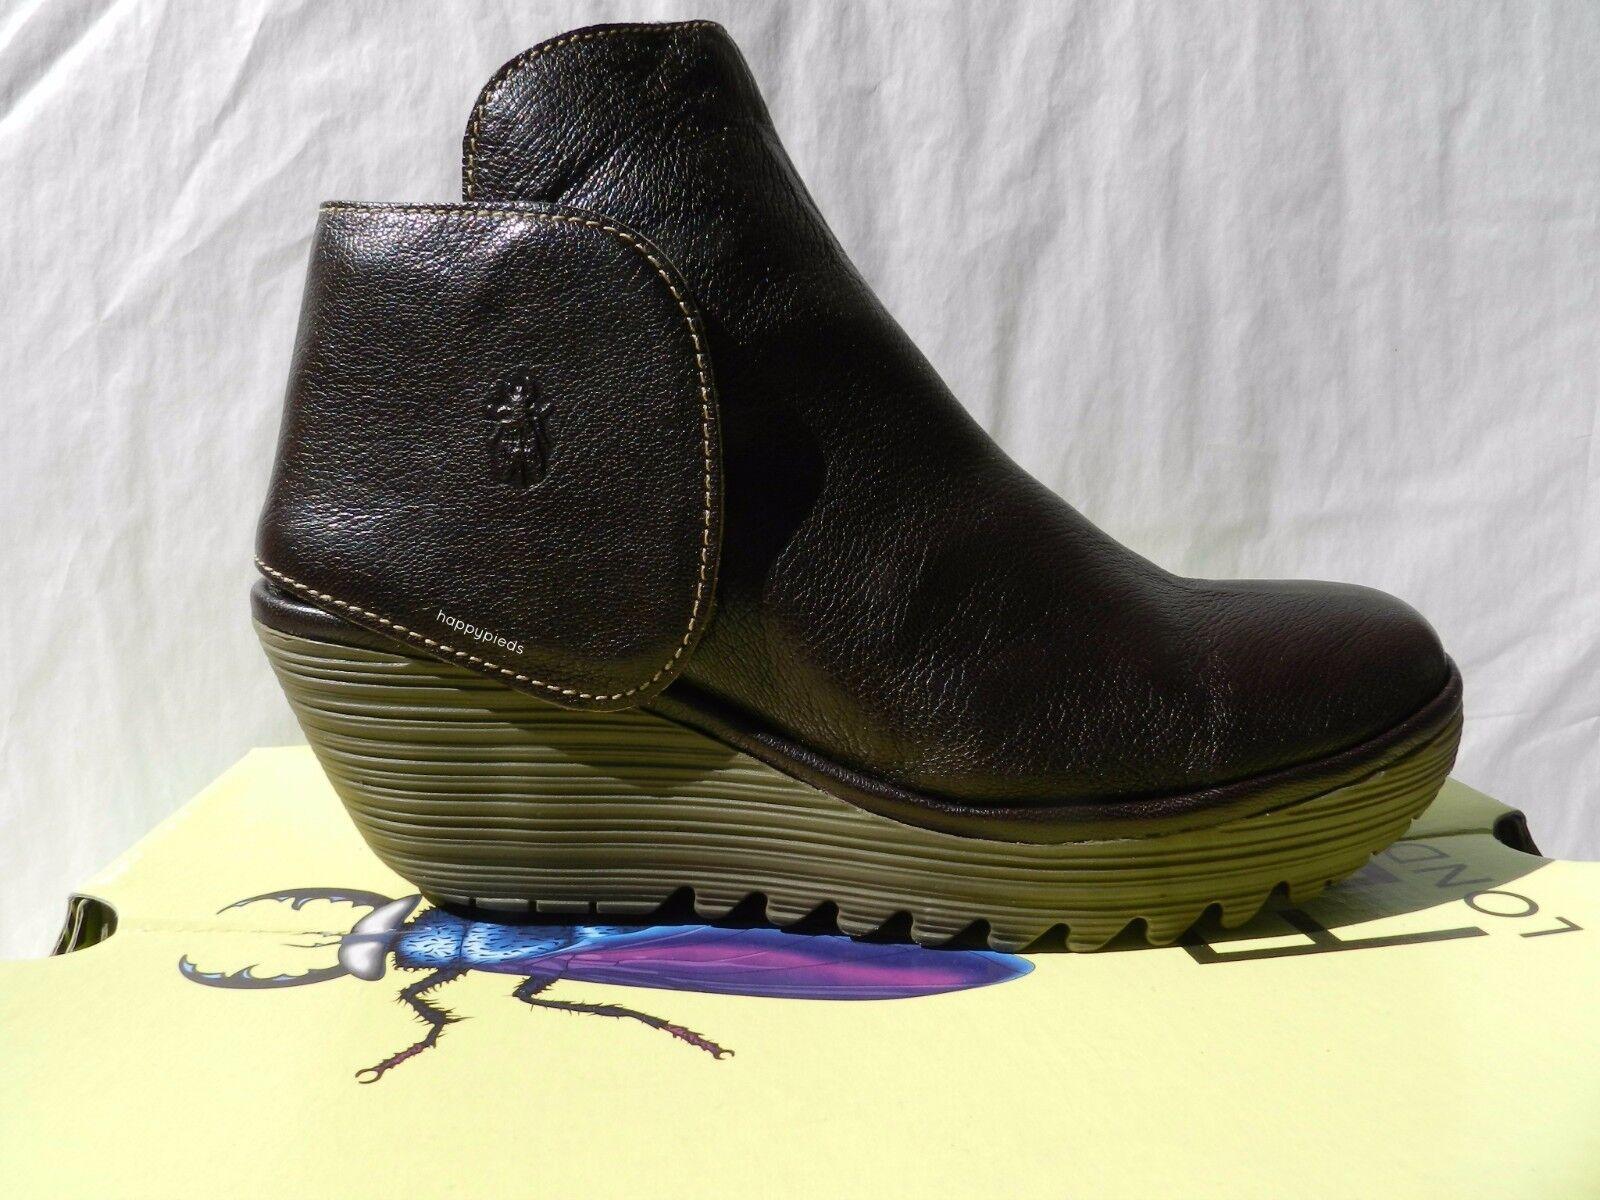 Fly London Yogi shoes Femme 41 Bottines Montantes Chelsea Bottes UK8 Neuf